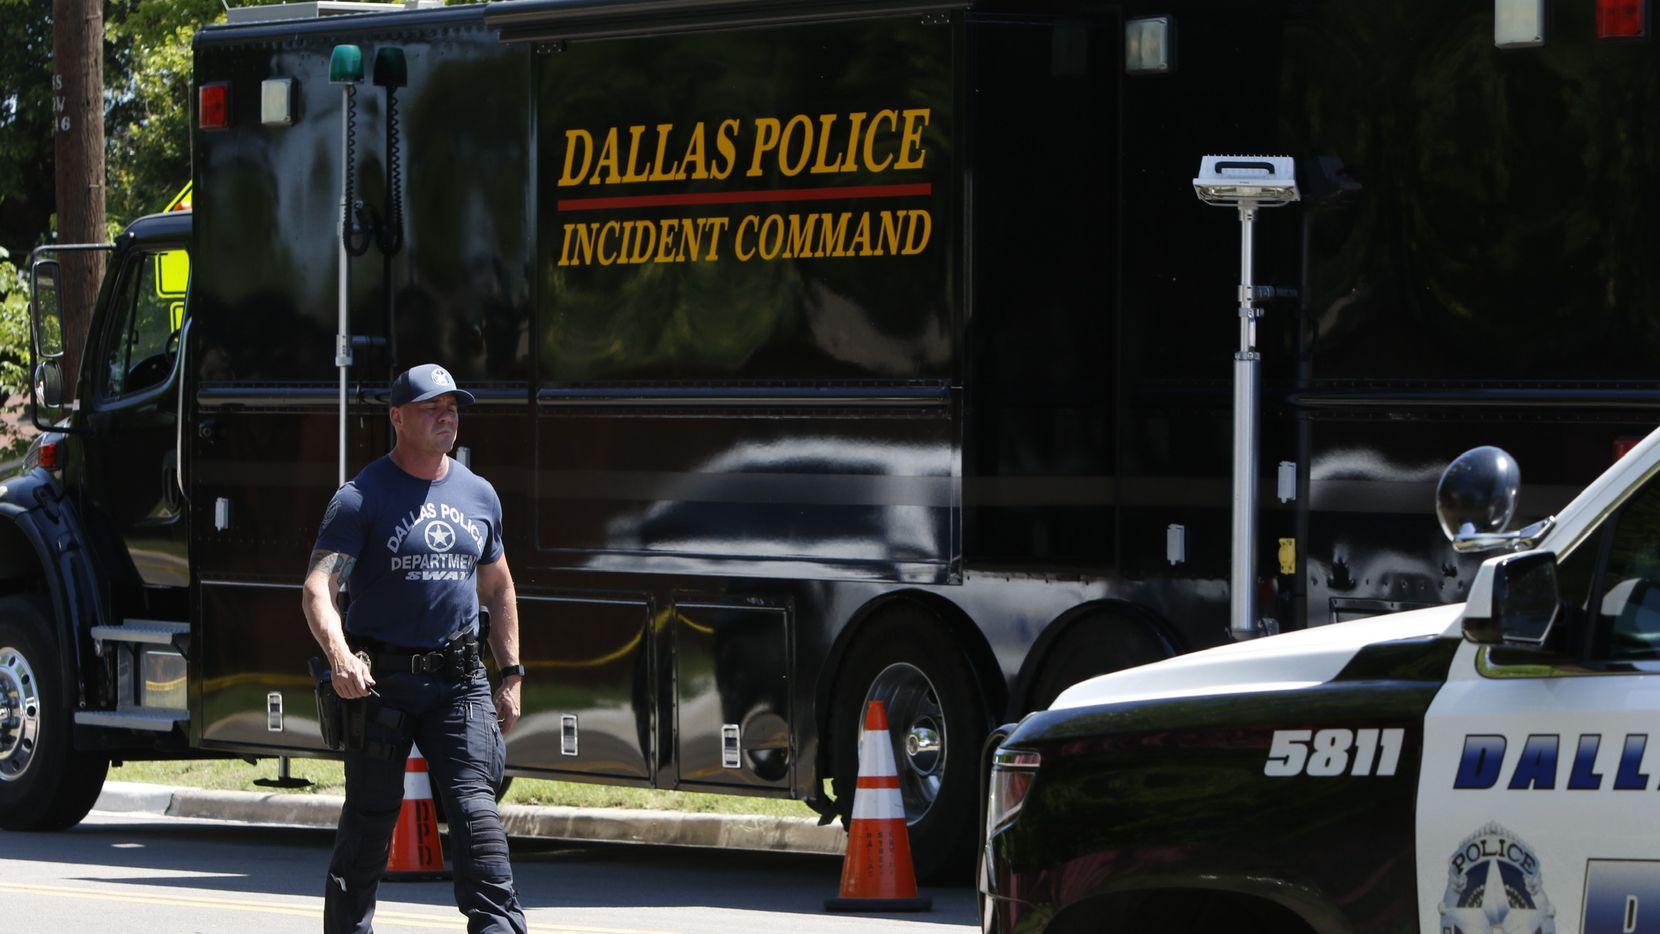 Un policía del equipo táctico SWAT camina cerca de la escena del crimen en Highcrest Drive, luego de un homicidio-suicidio que estaría relacionado con violencia doméstica.